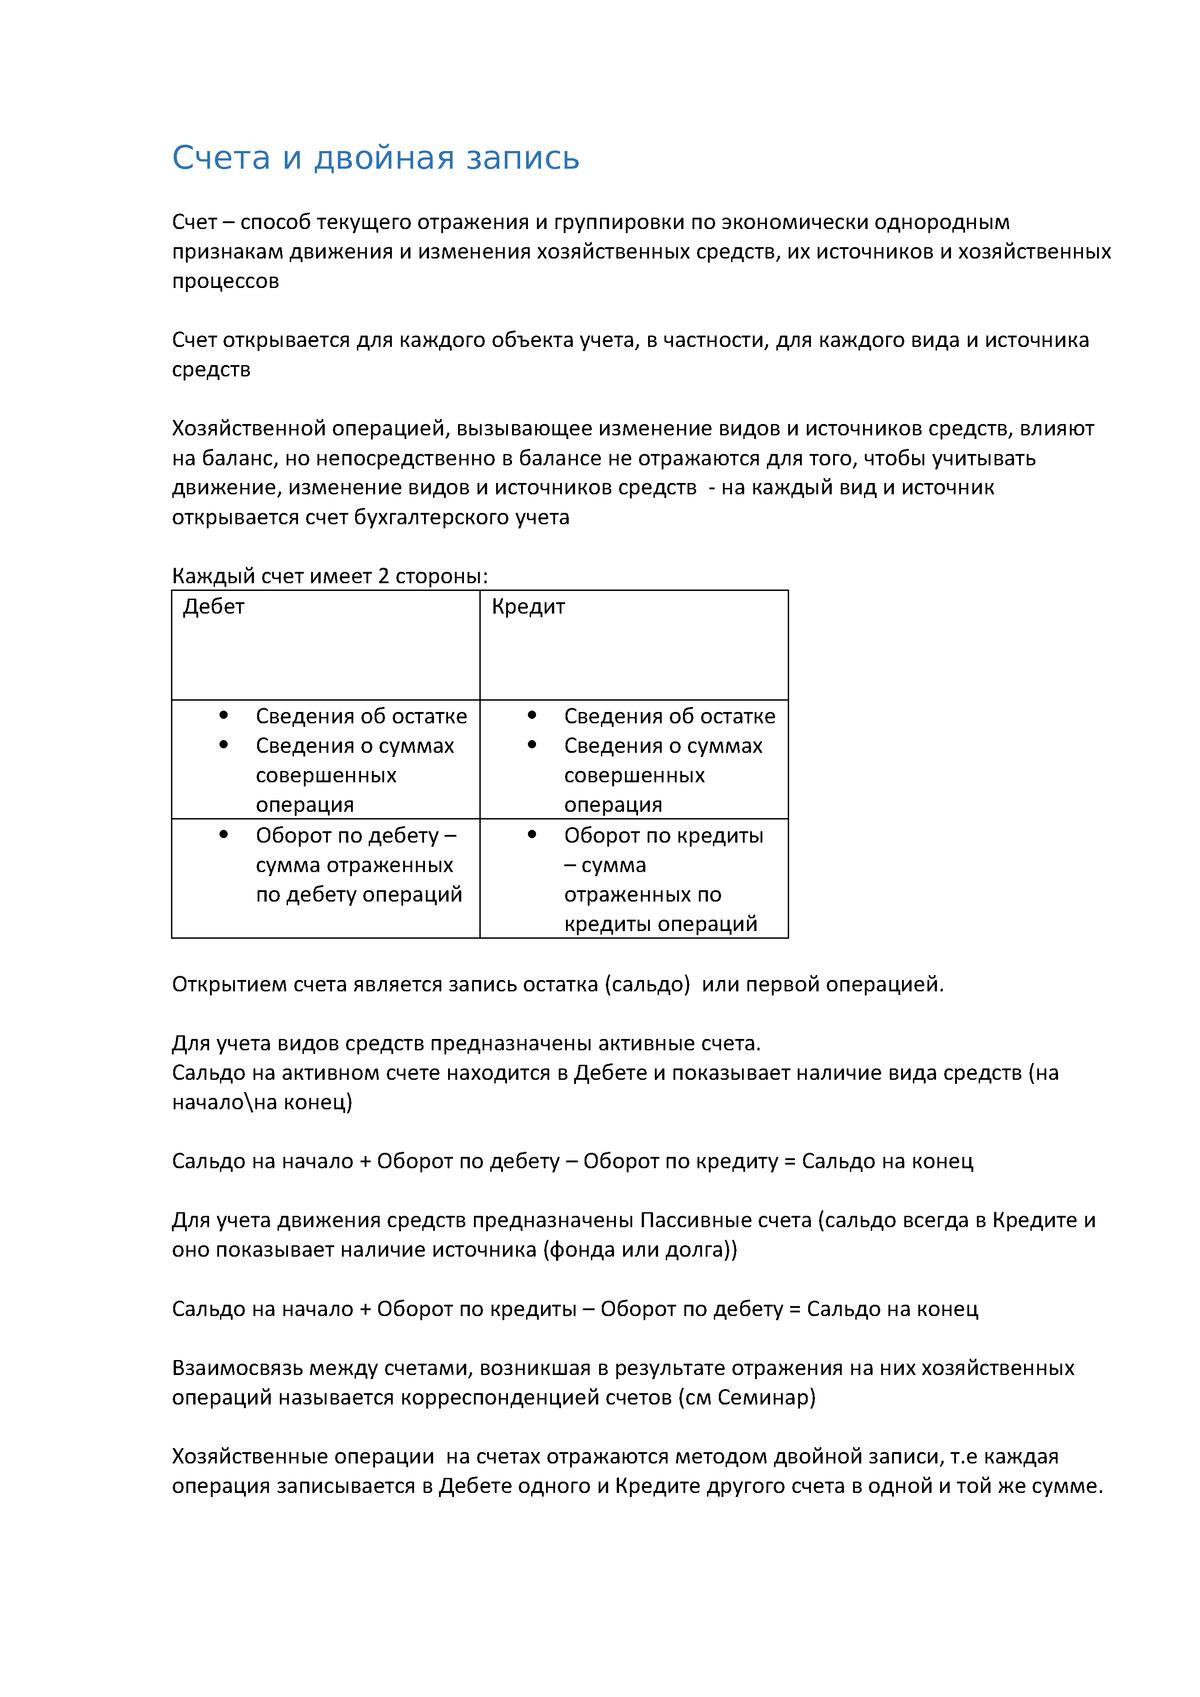 Как зарабатывать в интернете 100000 рублей в месяц